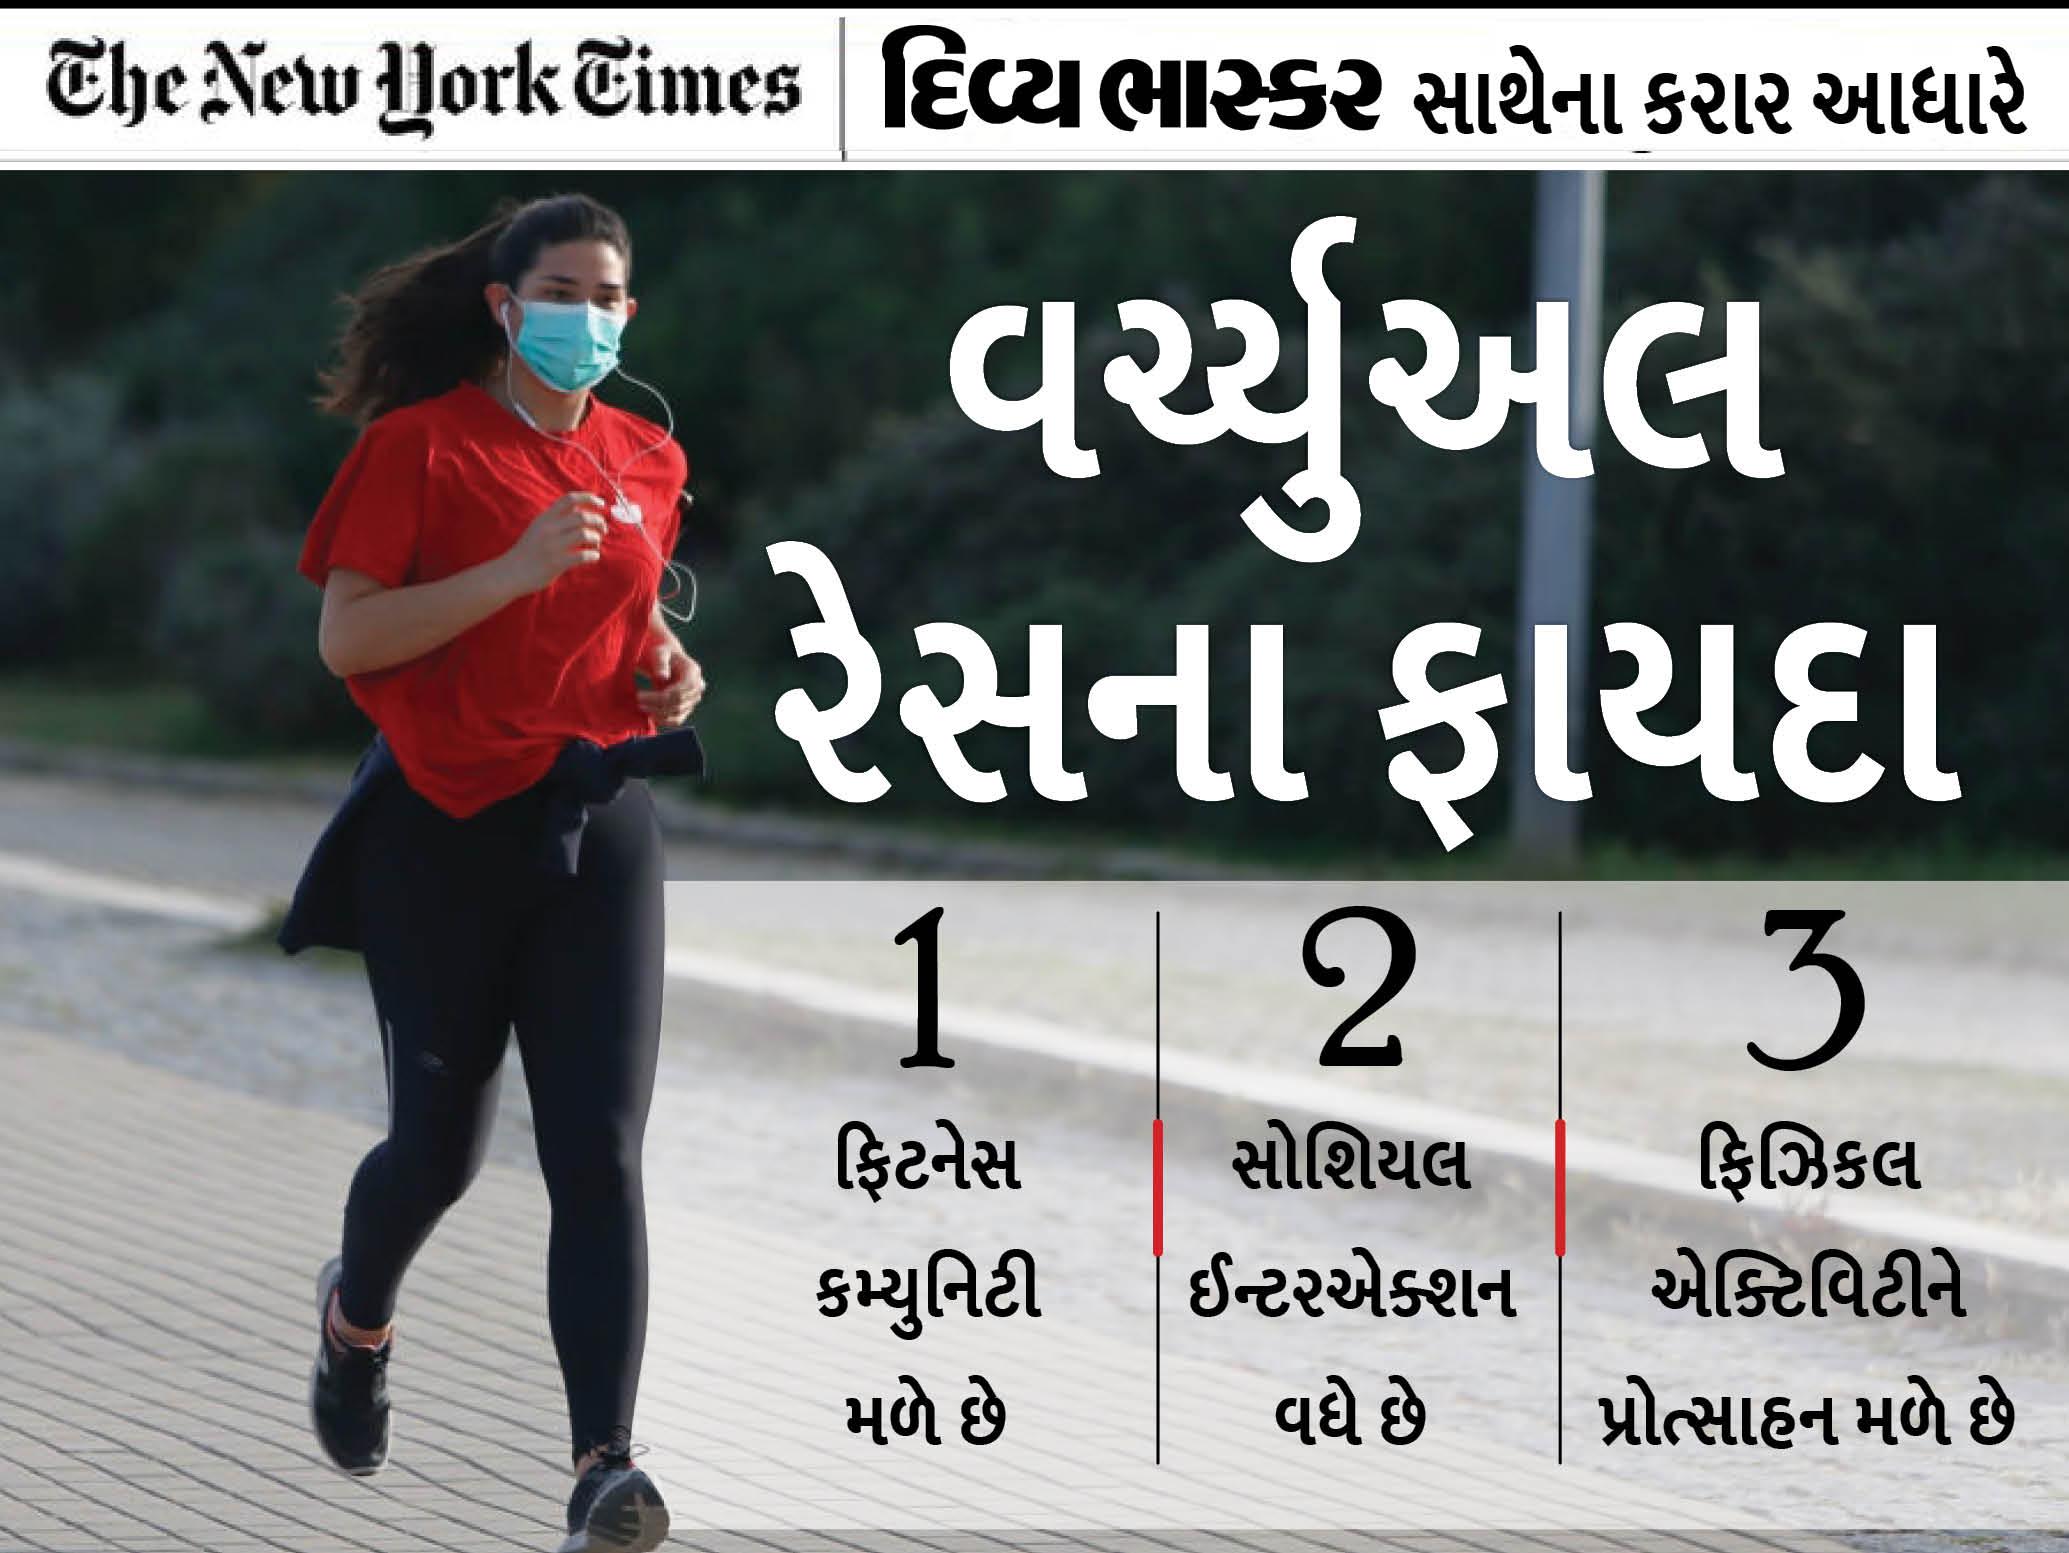 વિશ્વની કોઈપણ રેસમાં ઘરેબેઠા ભાગ લઈ શકો છો, ભારતમાં અત્યાર સુધી 25 હજાર લોકો જોડાયા છે; જાણો તેના ફાયદા|યુટિલિટી,Utility - Divya Bhaskar